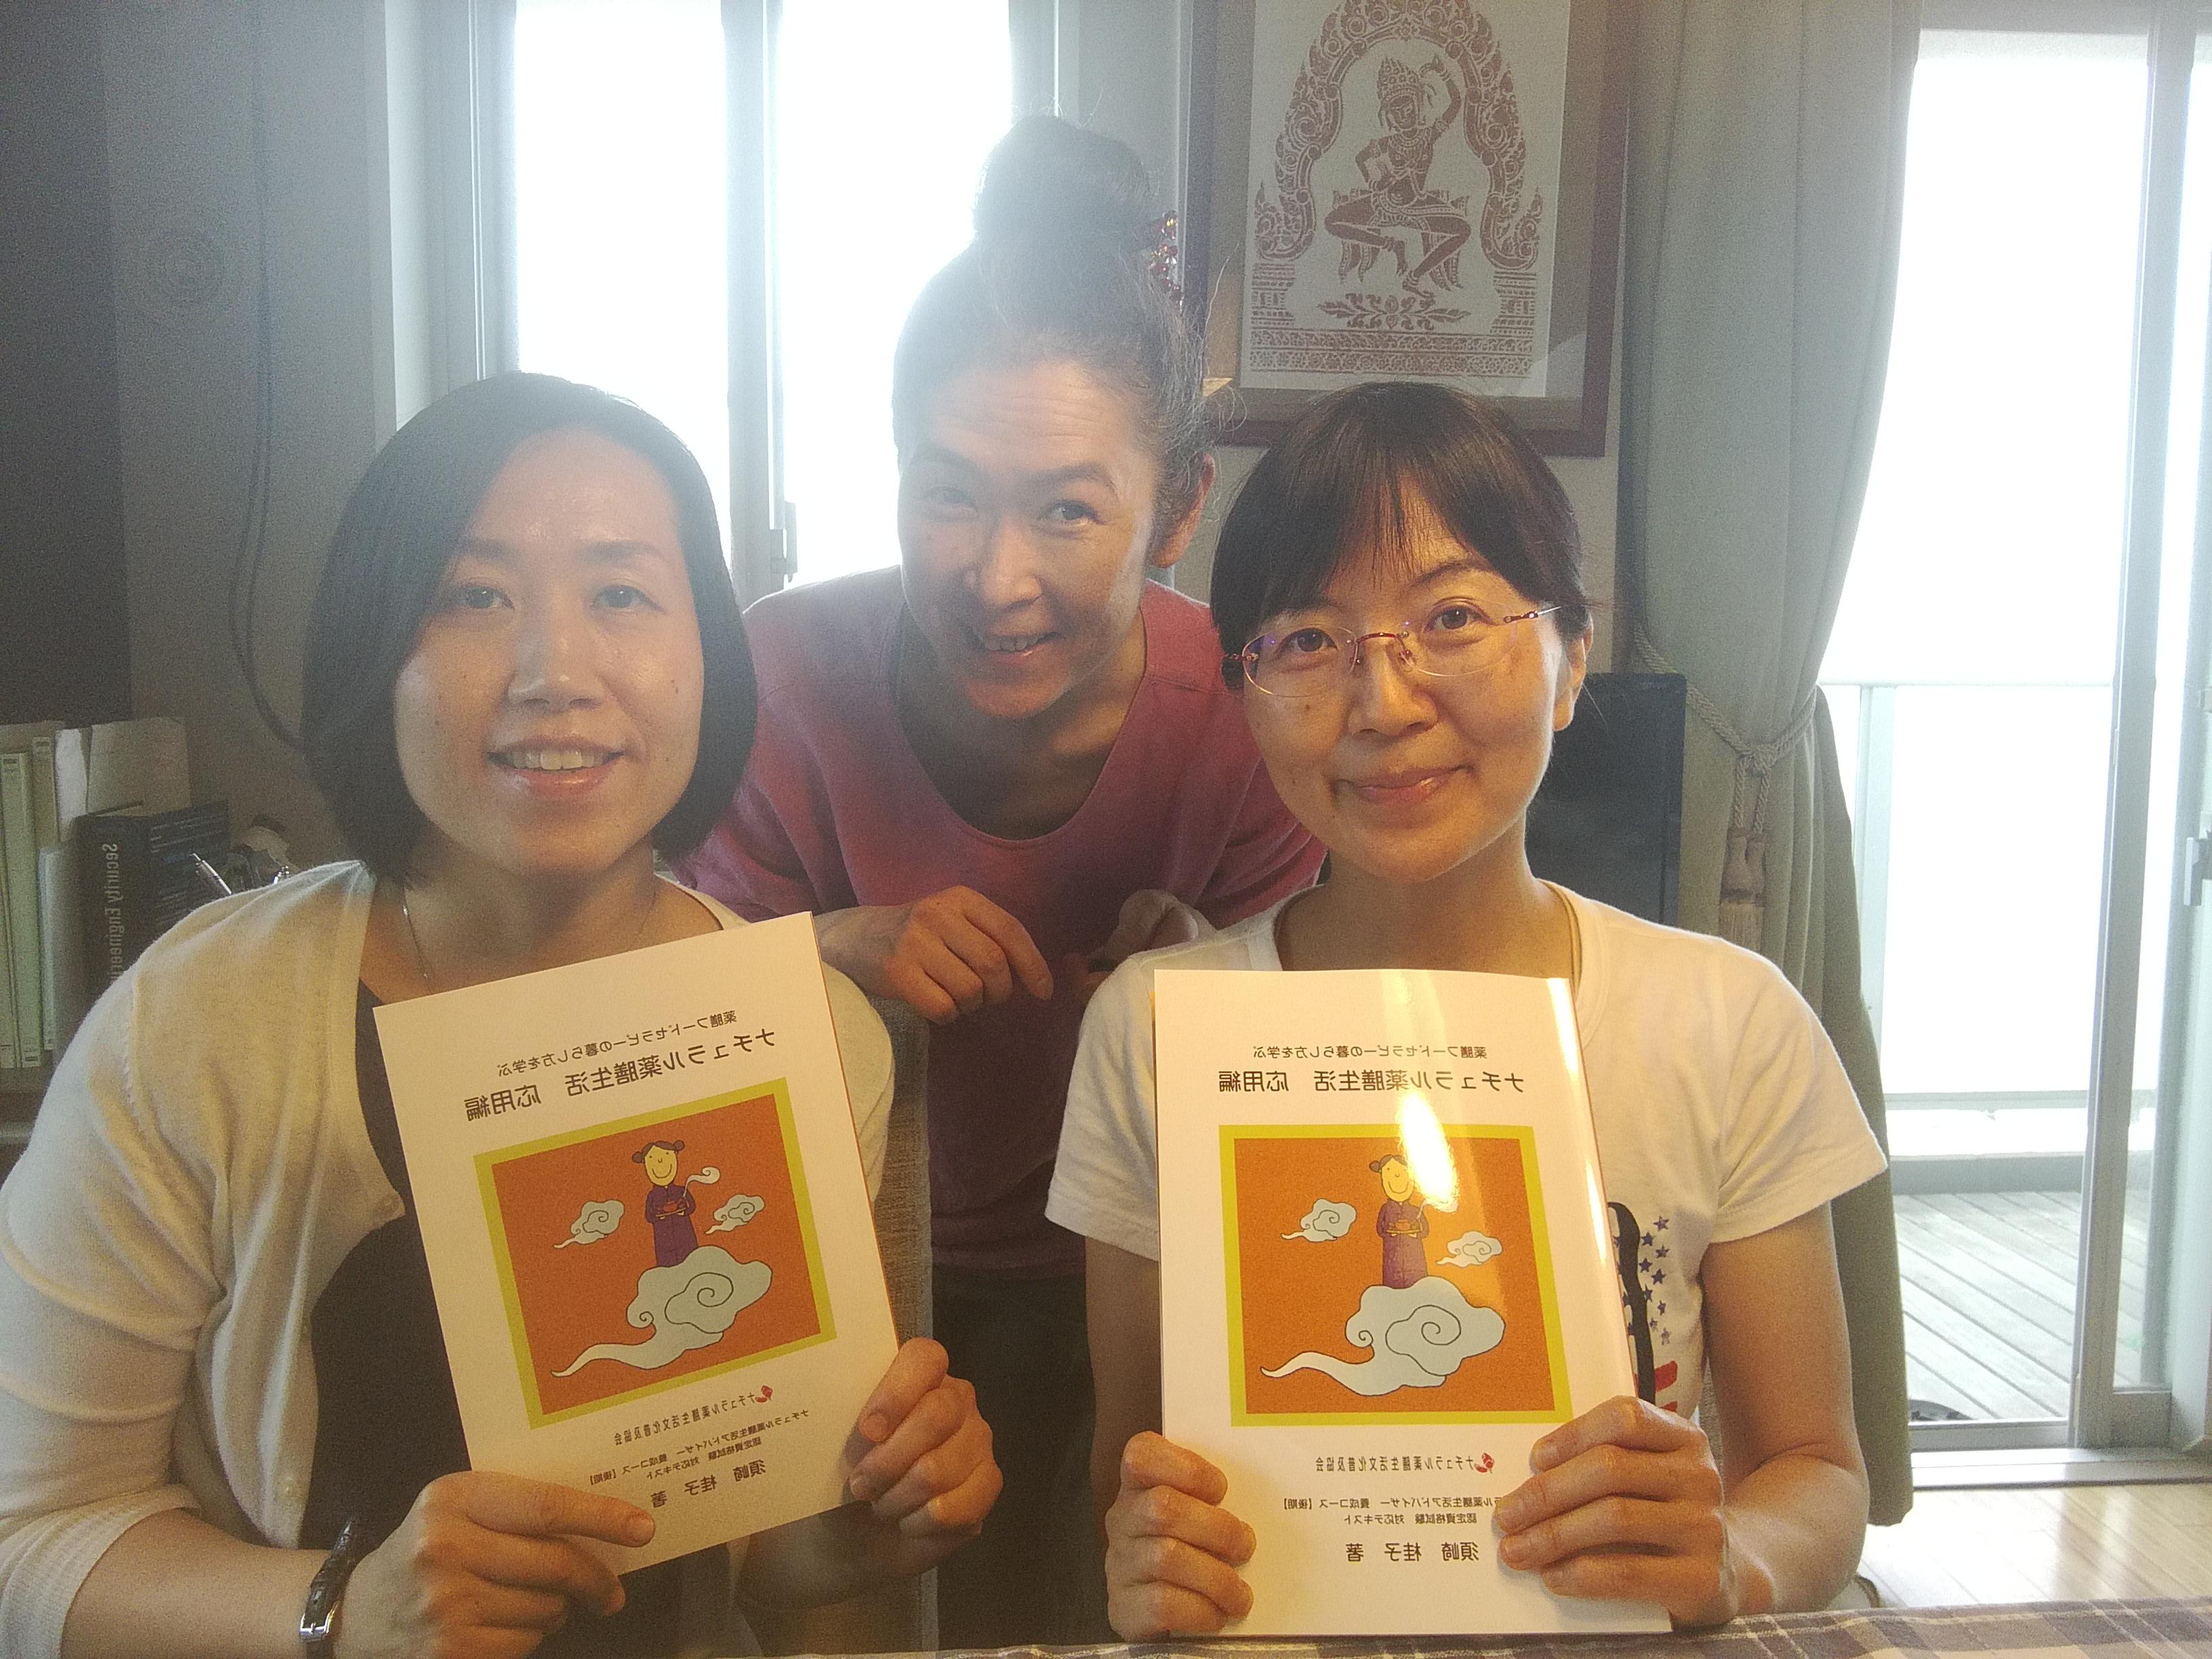 『ナチュラル薬膳生活応用編』新刊本を手に生徒さん達と記念撮影